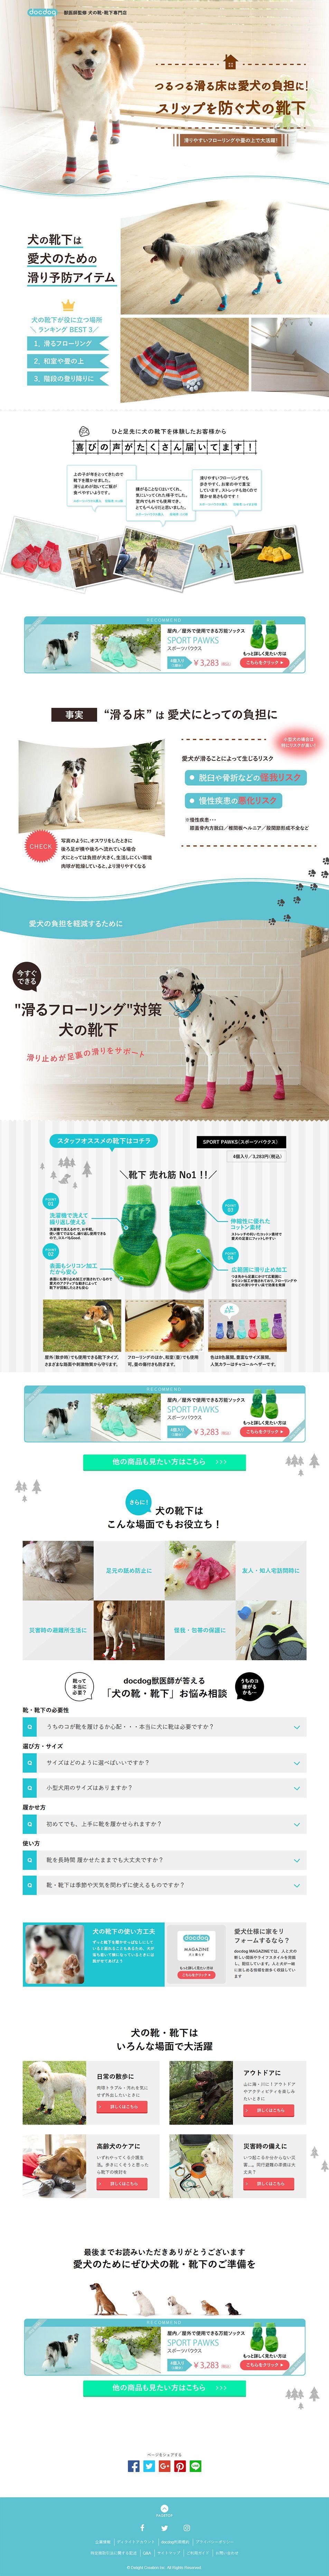 Lp おしゃれまとめの人気アイデア Pinterest Kita Lp デザイン ウェブデザイン デザイン